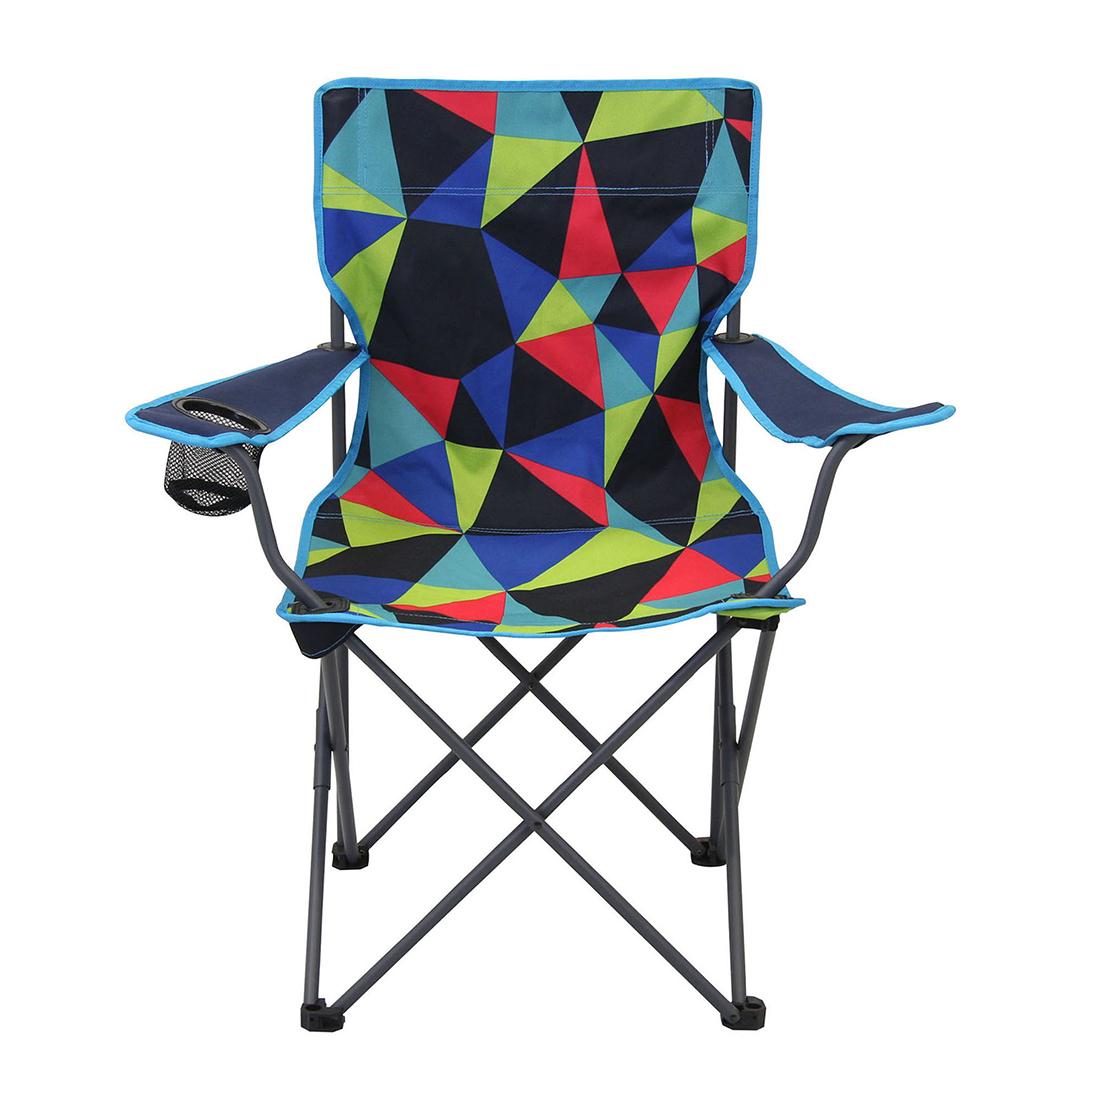 portal dub electro robuster campingstuhl bis 100kg praktischer klappstuhl mit getr nkehalter. Black Bedroom Furniture Sets. Home Design Ideas